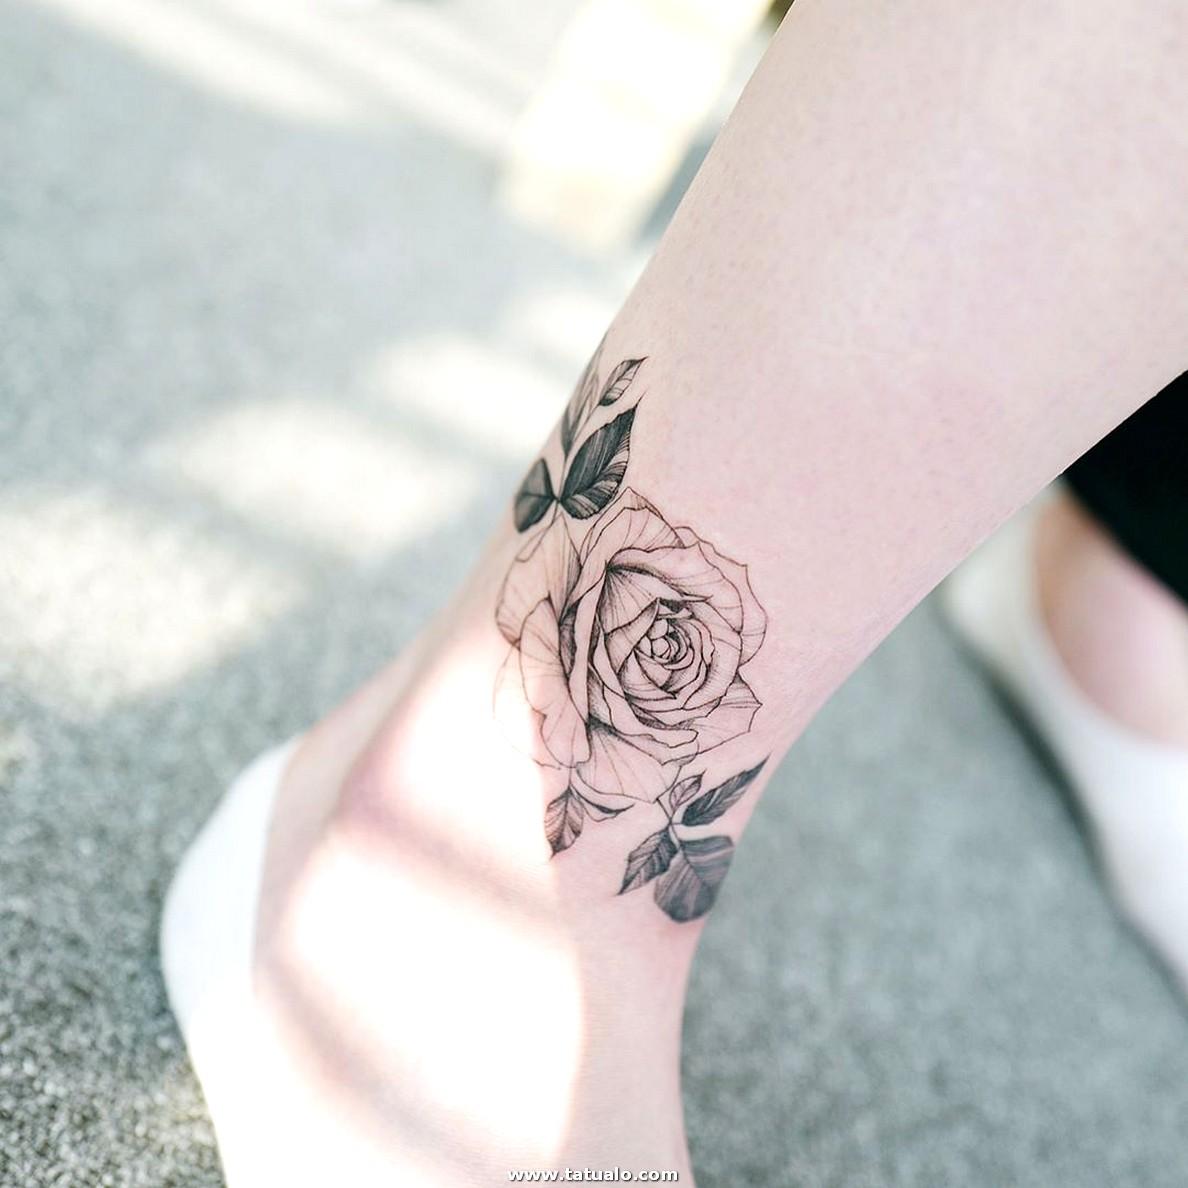 Imagenes de TATTOOS 🥇 ¡Tatuajes para mujeres en los Pies!